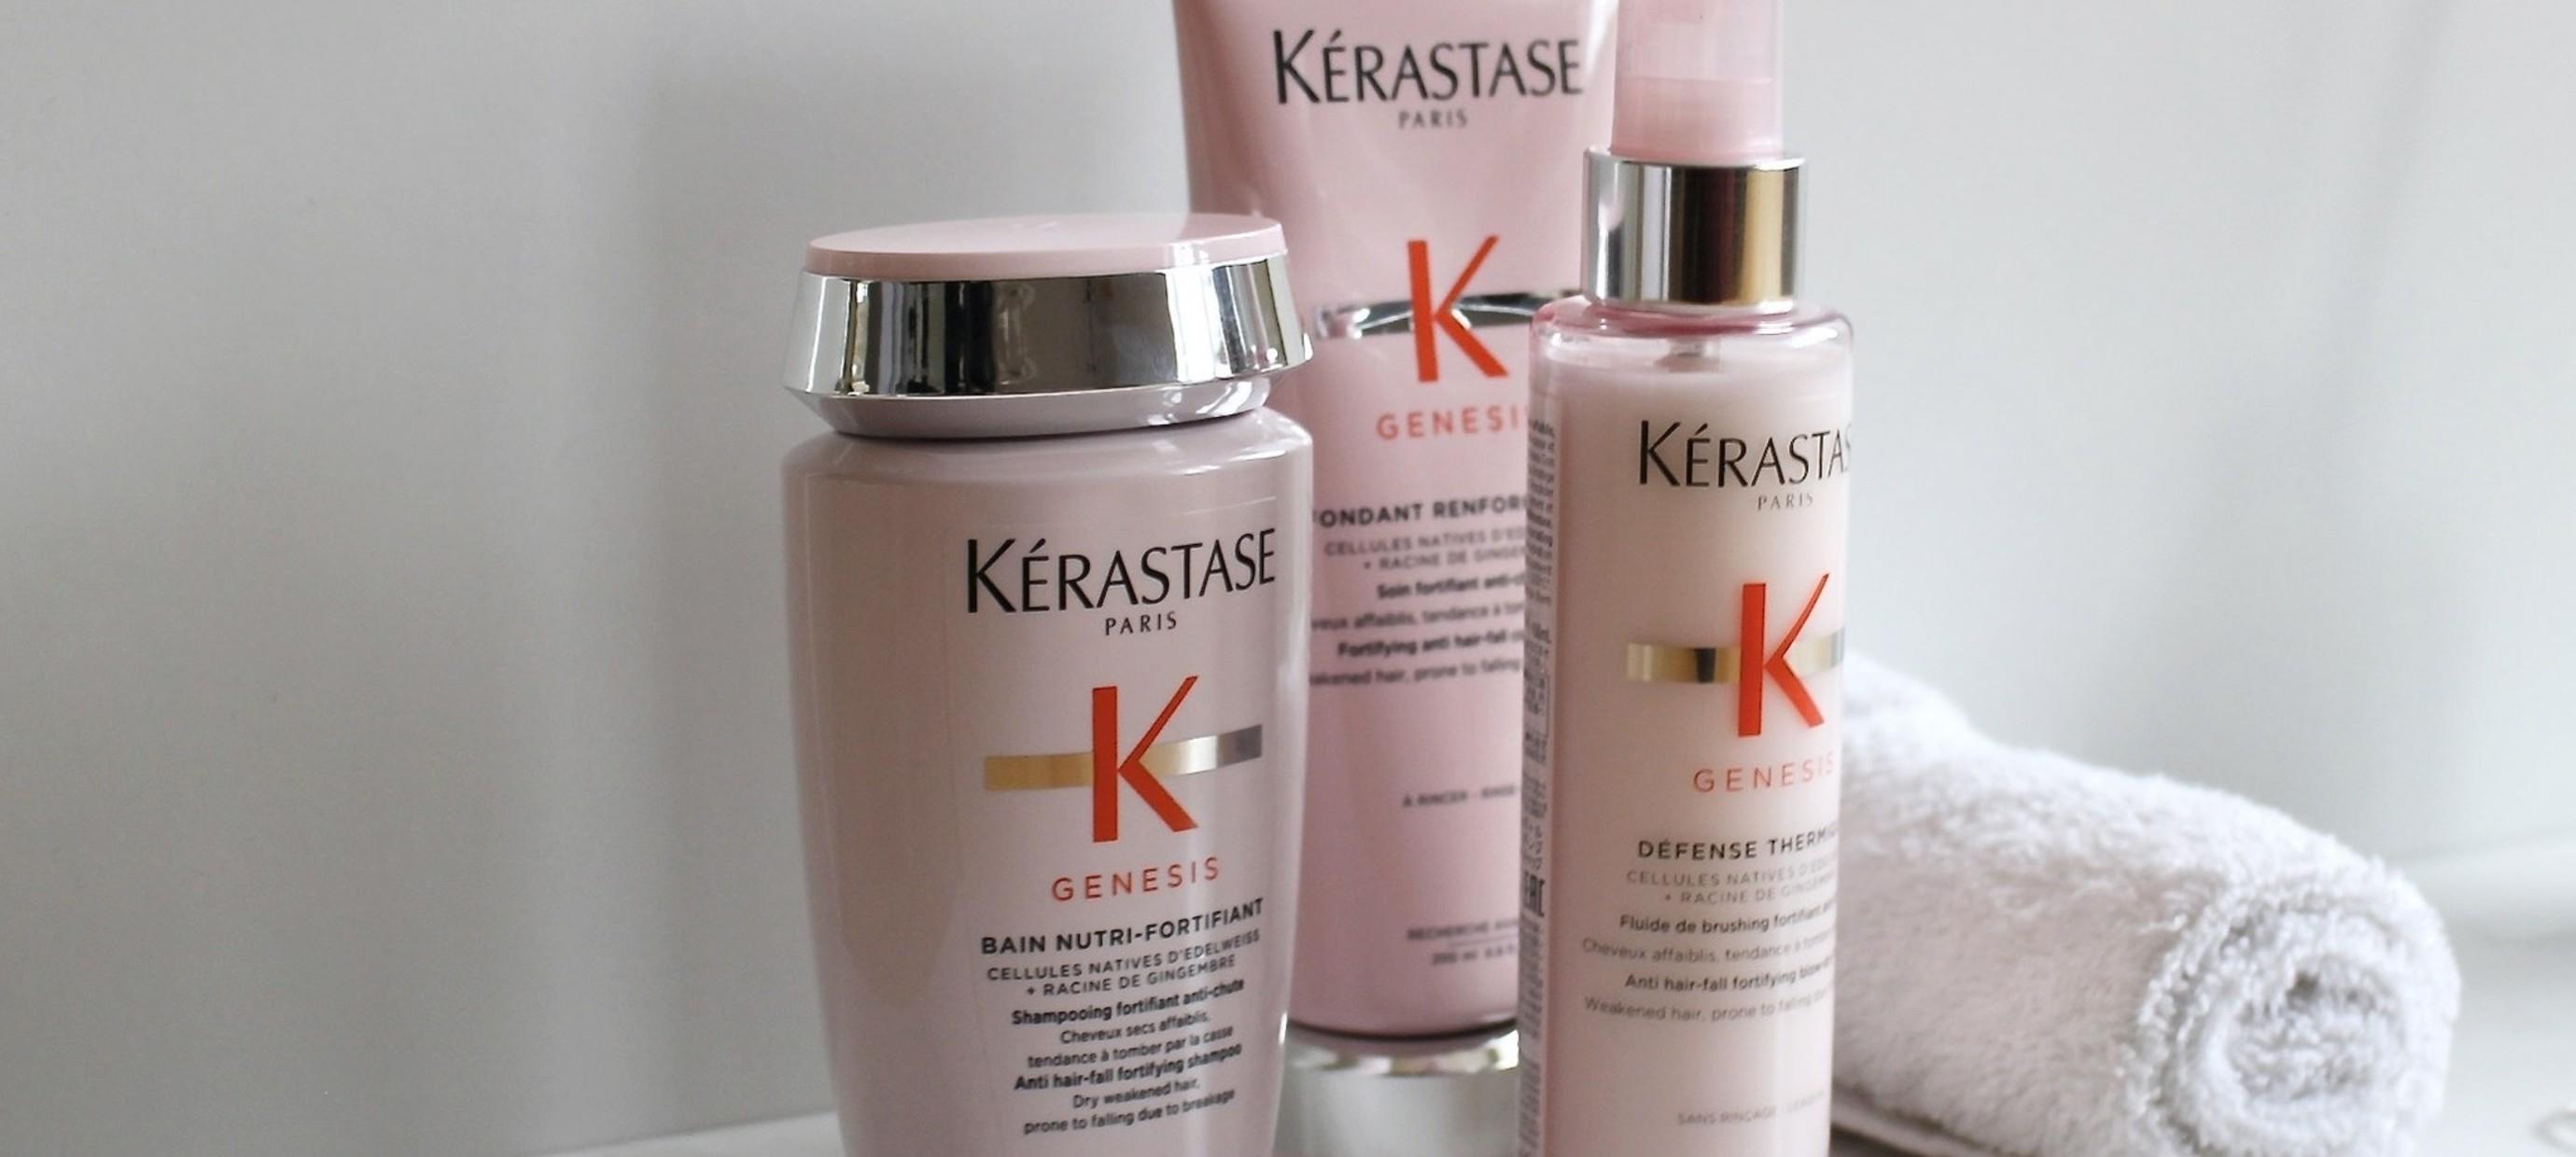 Prévenir la perte de cheveux avec la gamme Genesis